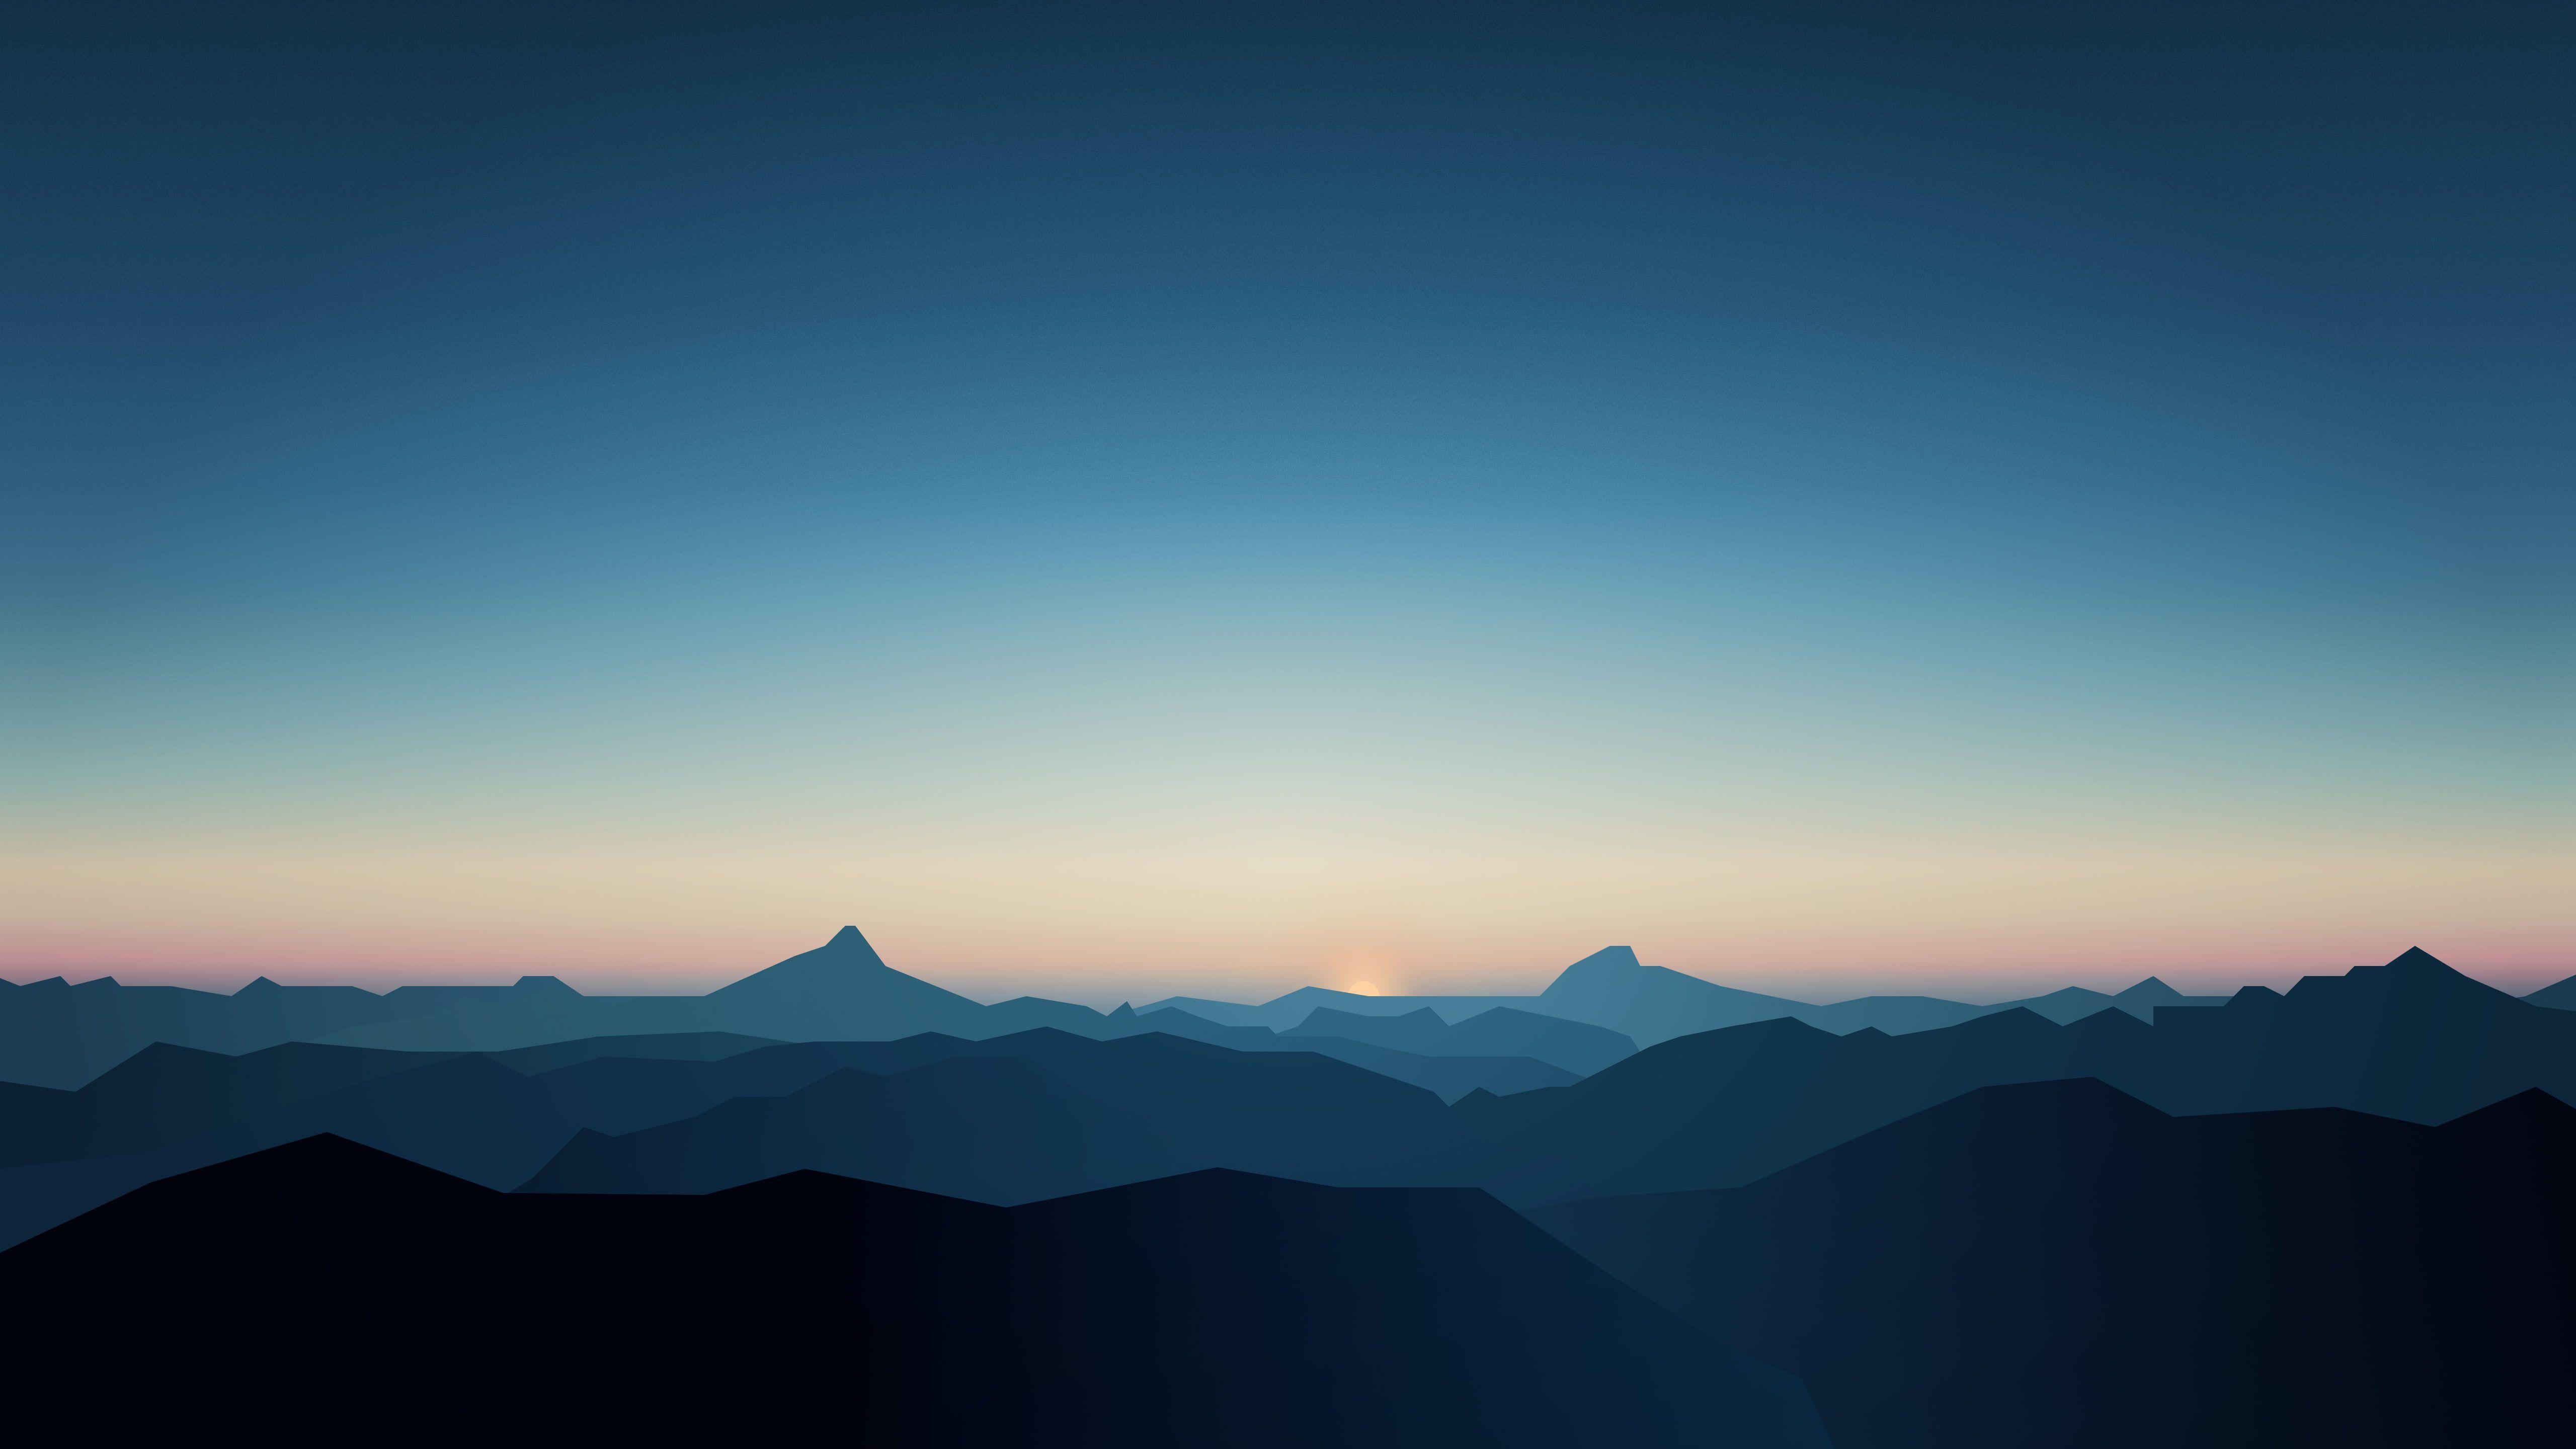 5k Cgi Dark Mountains Sunrise Minimal Wallpaper Minimal Wallpaper Minimal Desktop Wallpaper Mountain Wallpaper